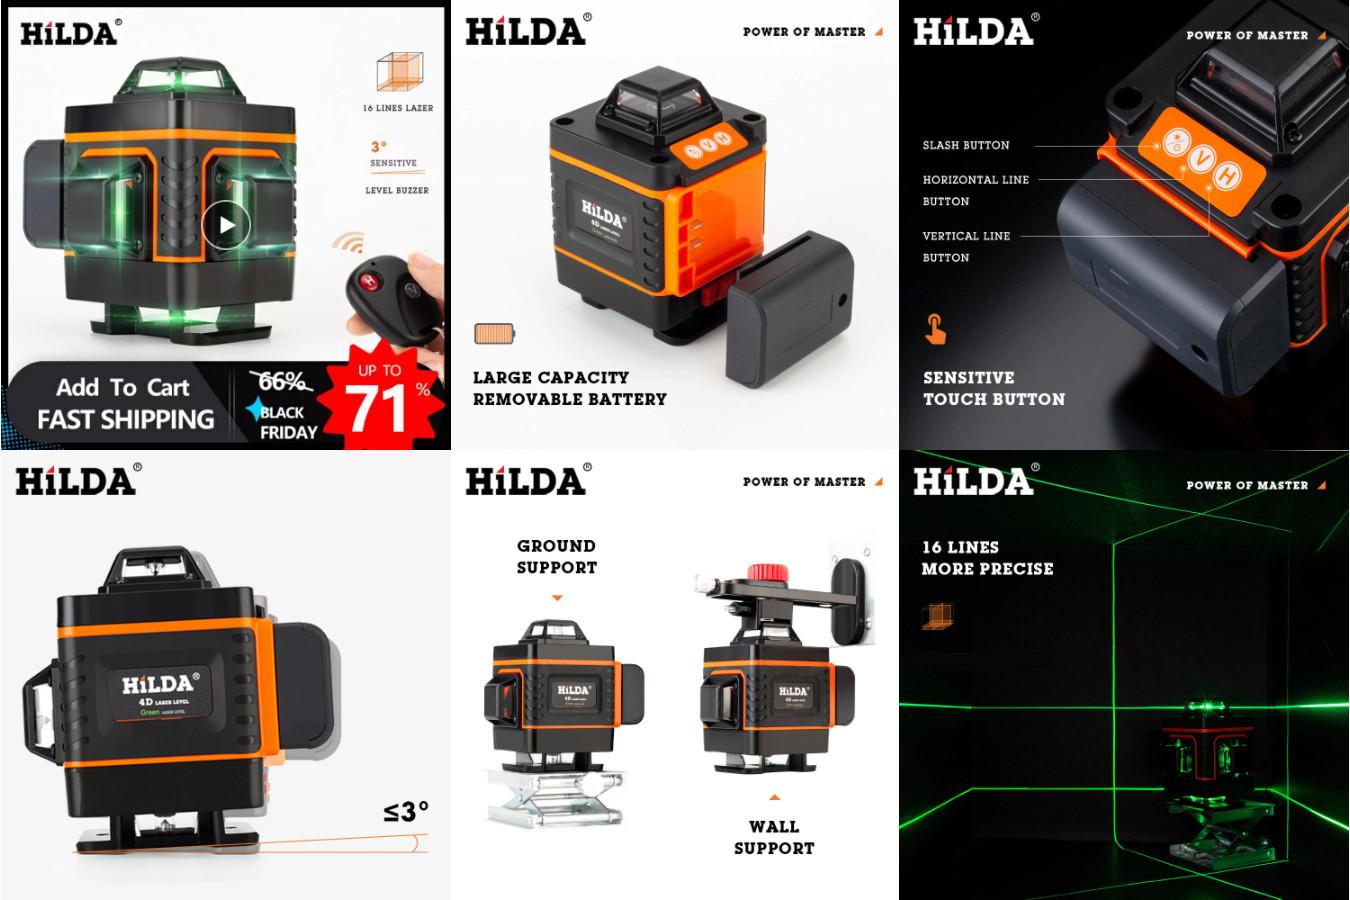 16-линейный лазерный уровень — HILDA 16